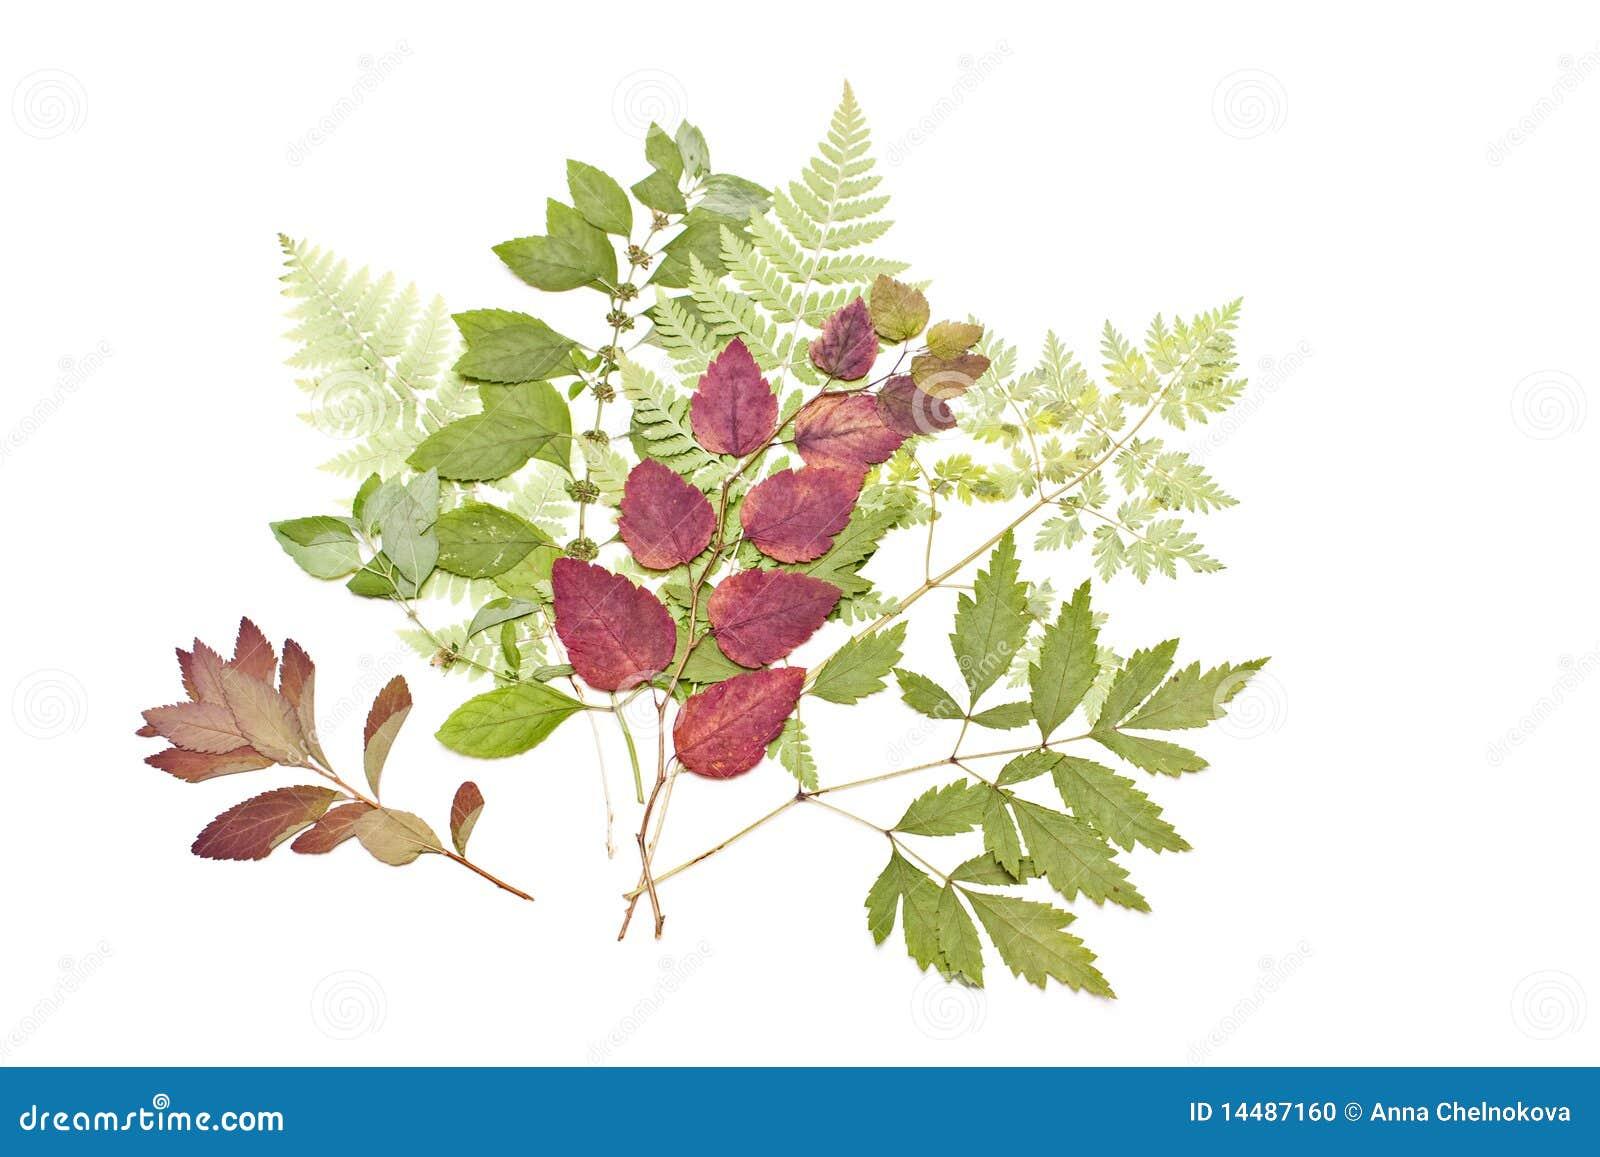 Herbarium Blätter getrocknete blätter stockfoto bild grün getrennt 14487160